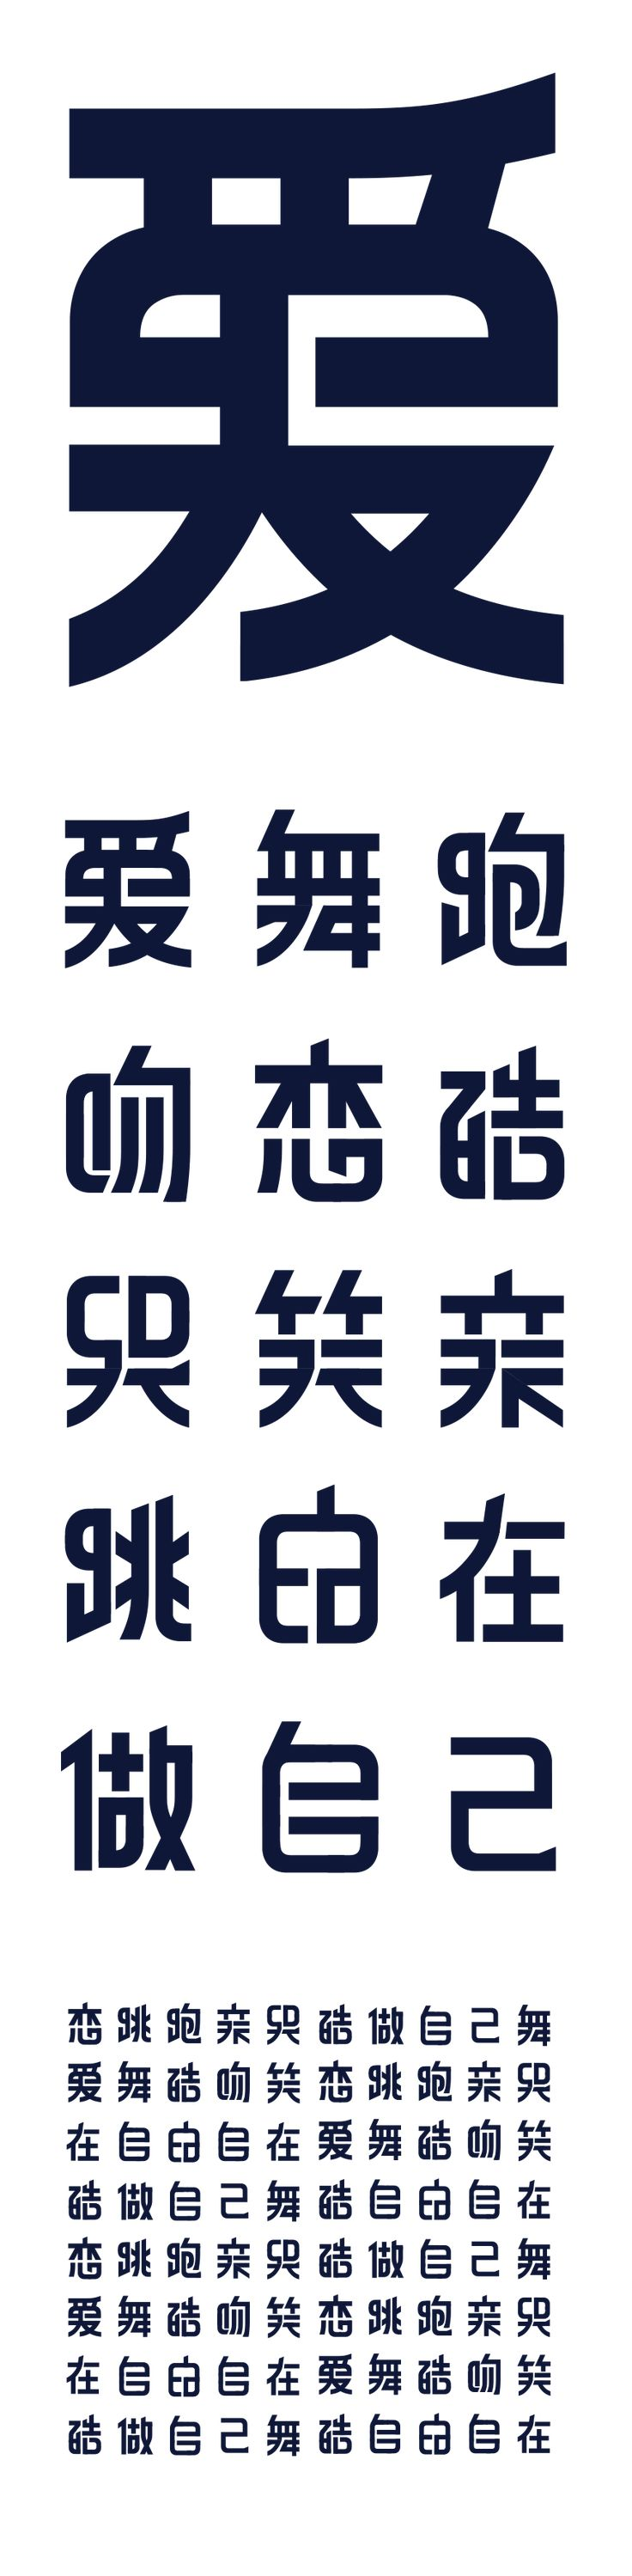 Typeface_L - Weestar Studio